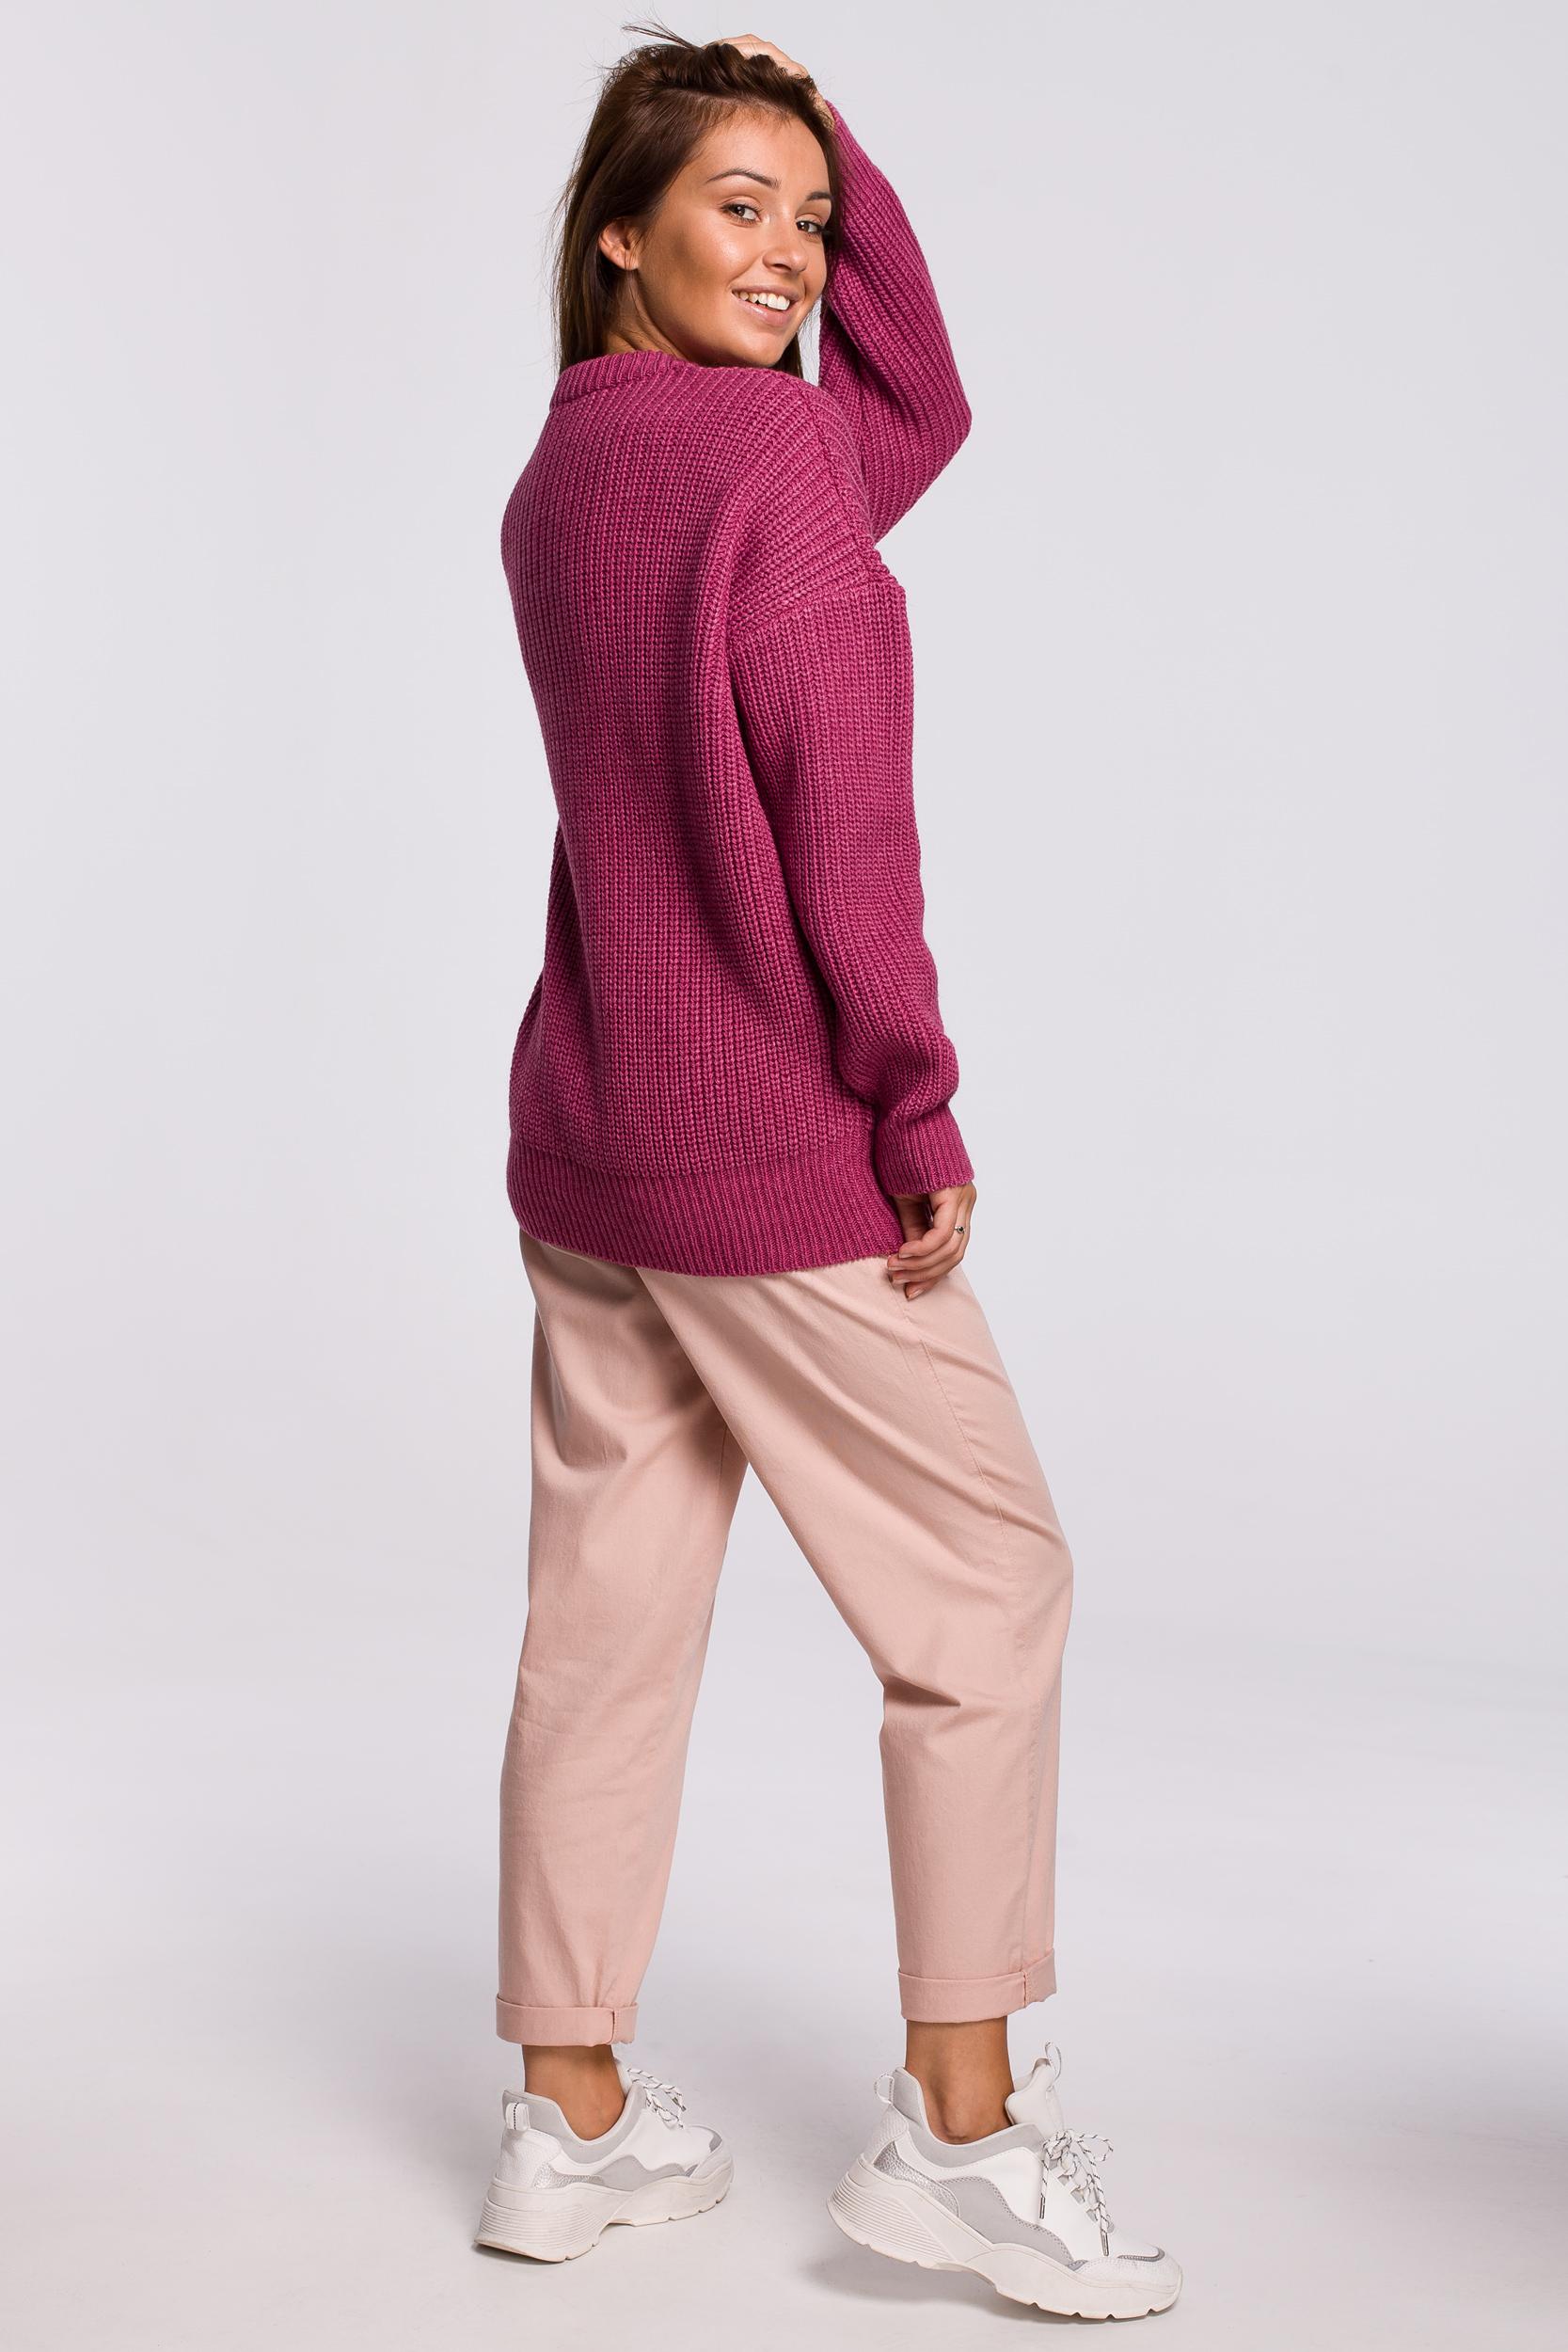 Sweater in Erika Seitenansicht